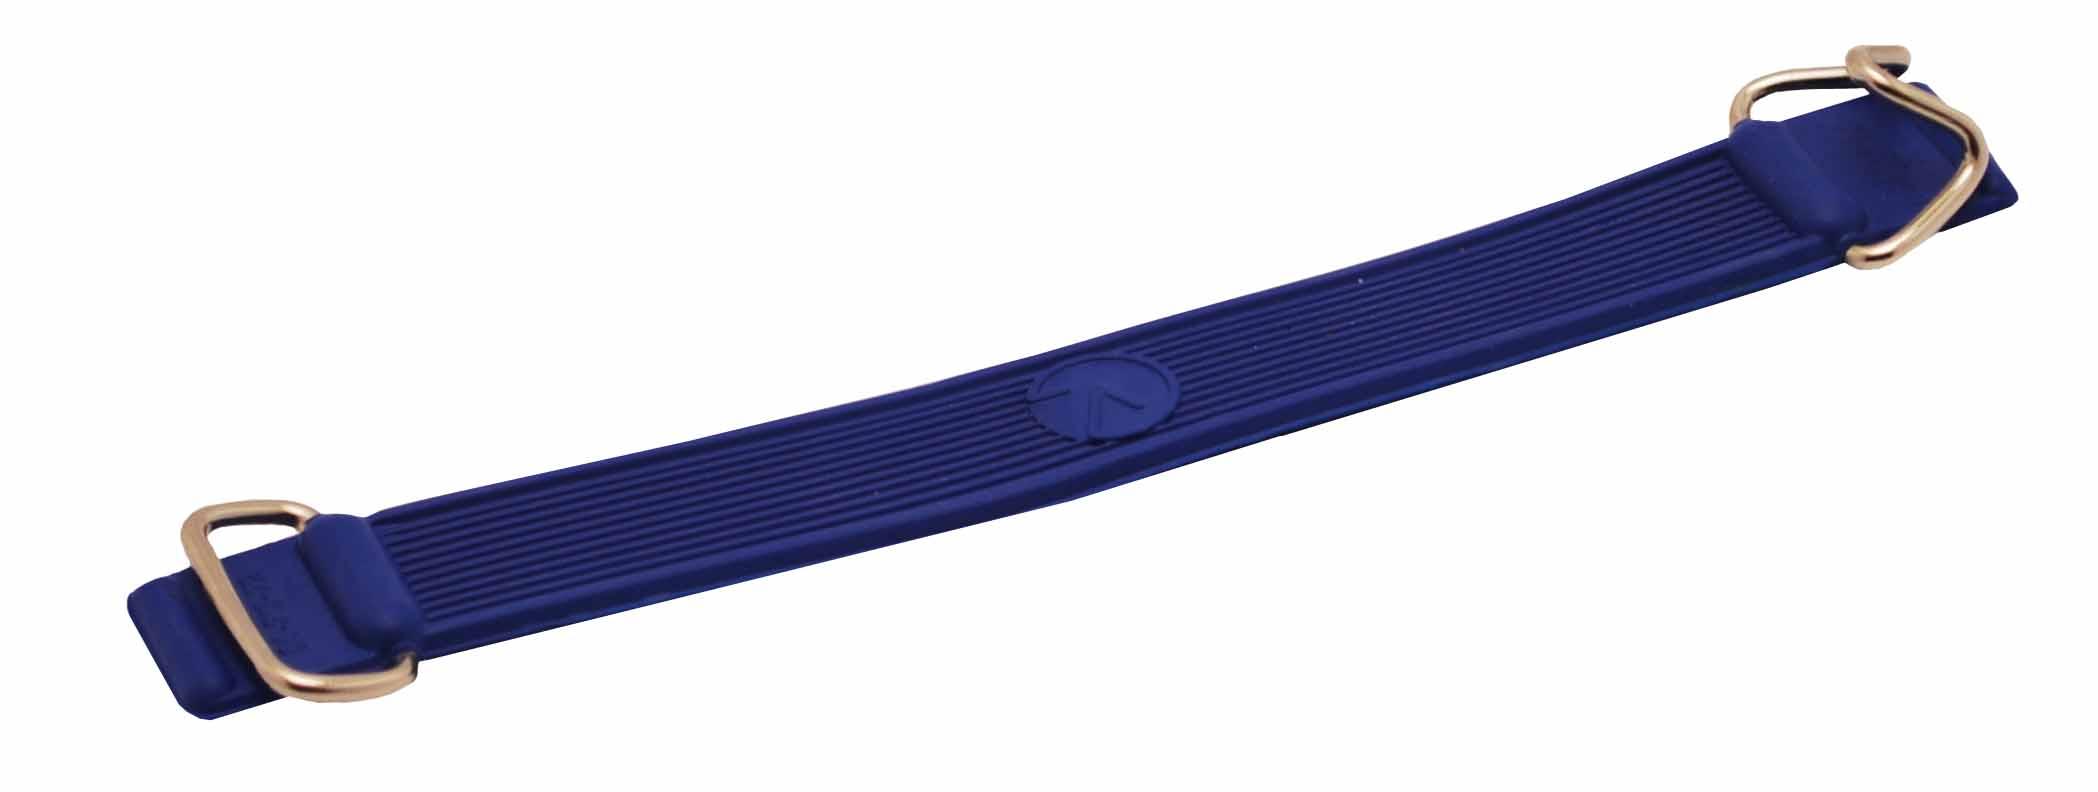 Pásek na lyže gumový s kovovými háčky modrý